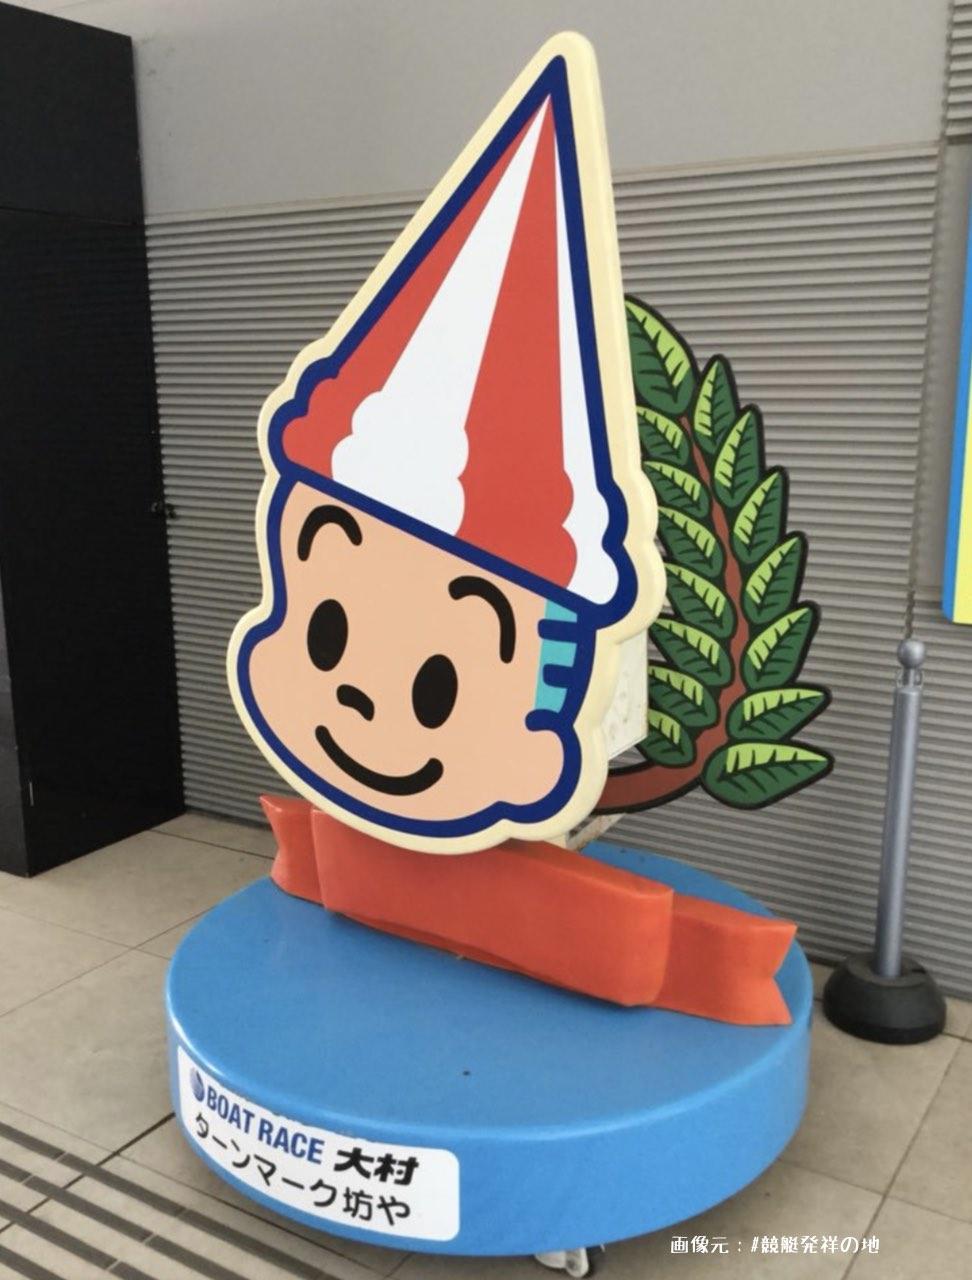 大村競艇場のマスコットキャラクター、ターンマーク坊やの画像